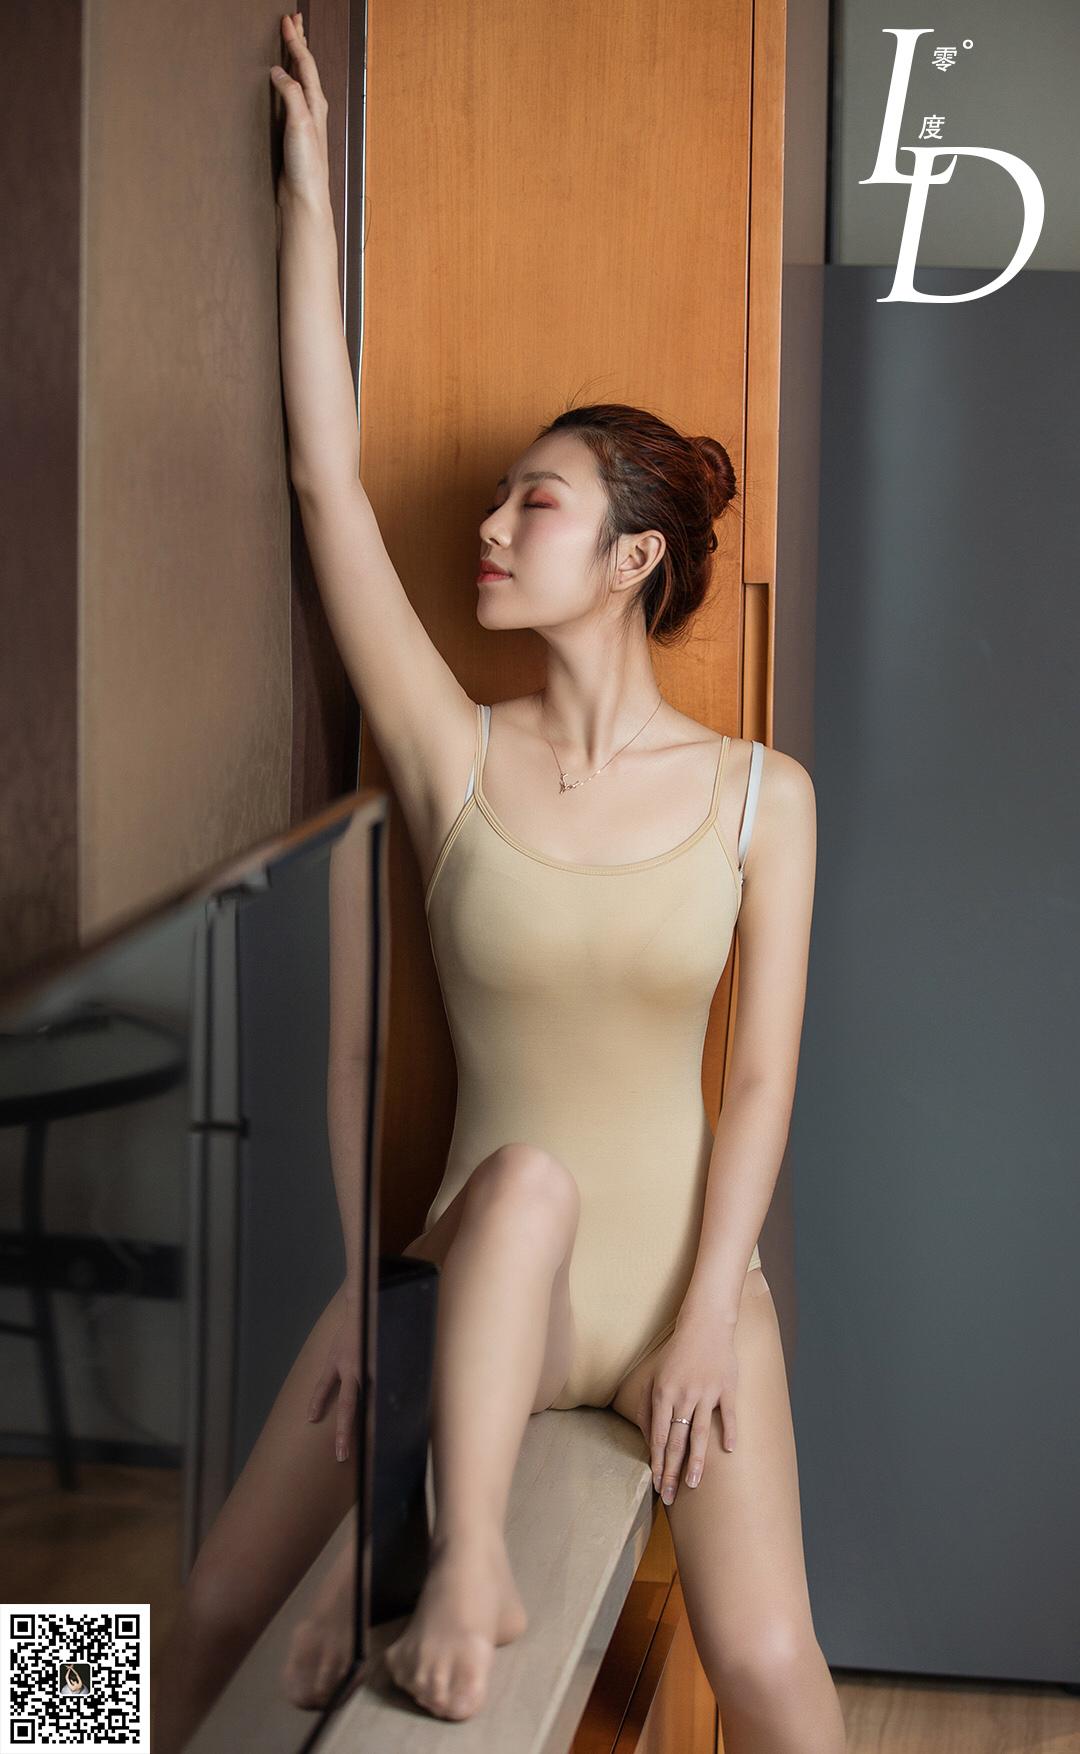 零度摄影 第045期 舞蹈老师心妍插图